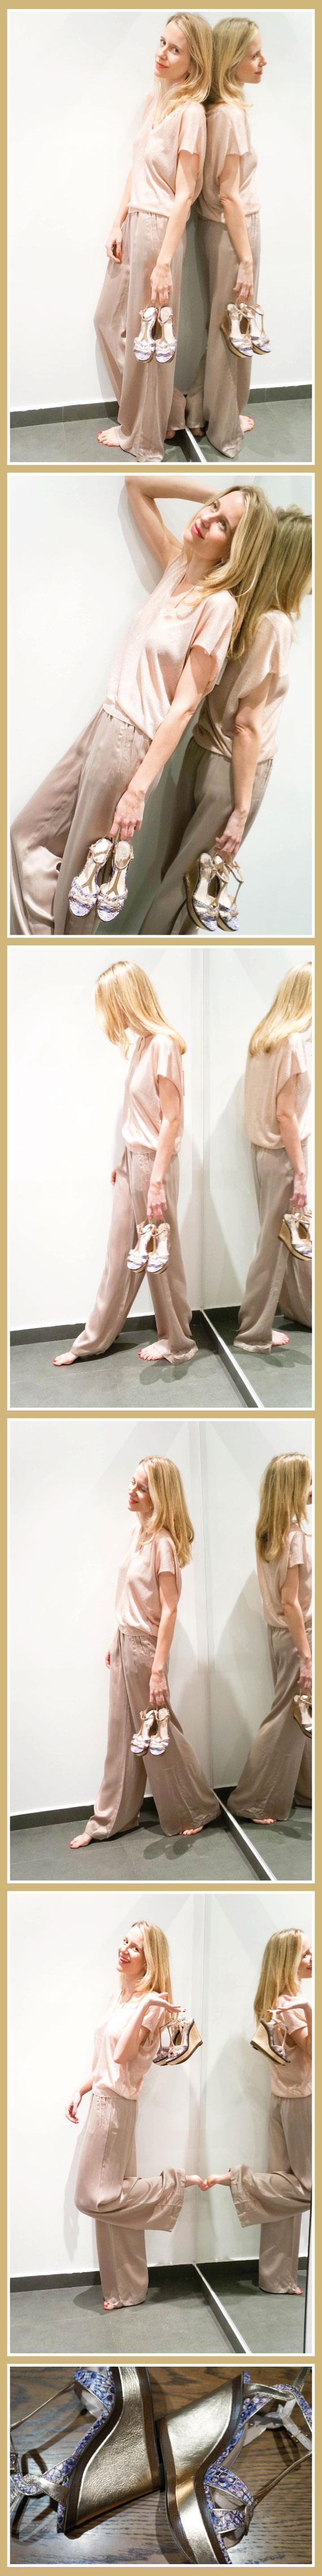 María León con top de lúrex nude de Virgine Castaway, pantalón de seda de BDBA y sandalia estampada pitón en tonos azules y morados de Vince Camuto